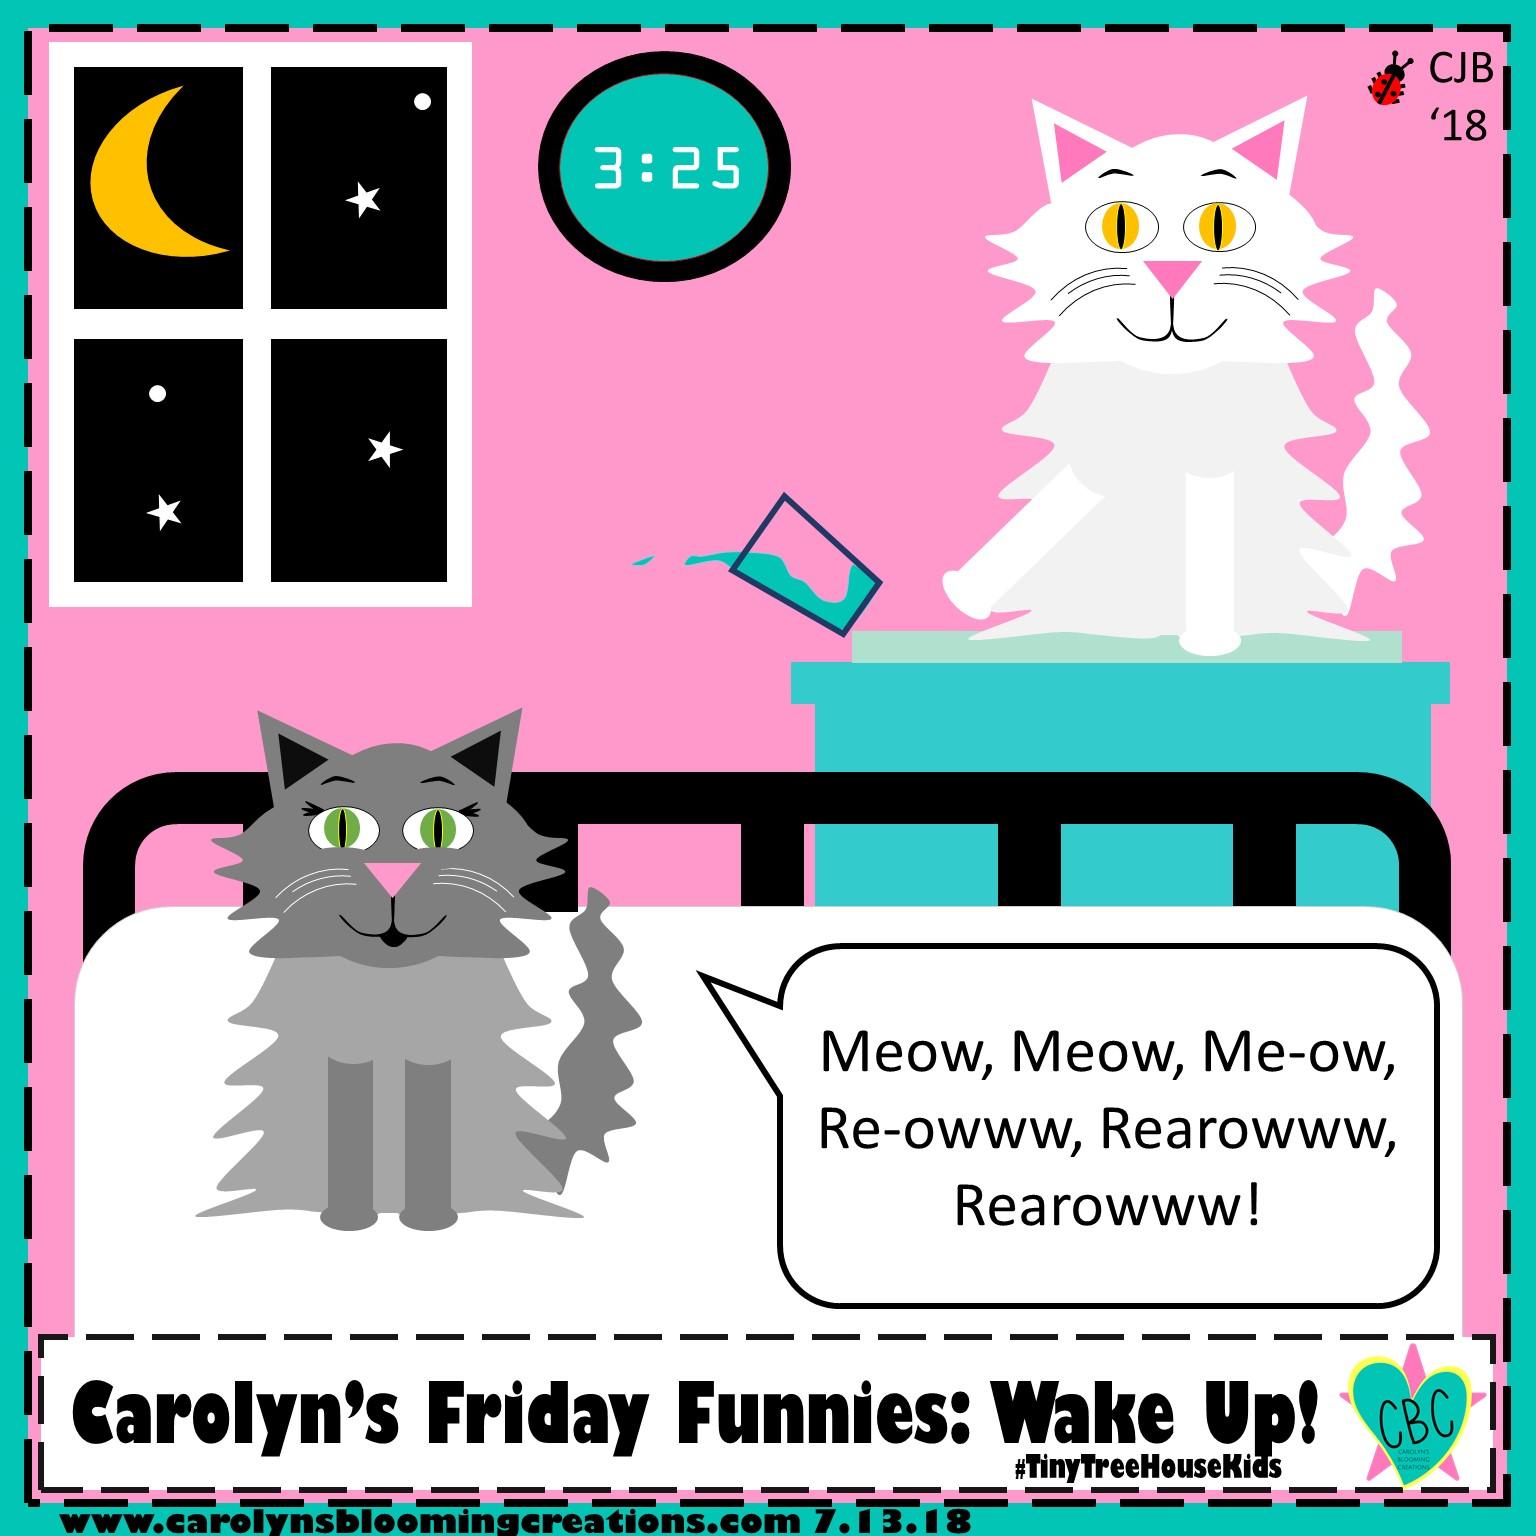 Carolyn Braden friday funny what a week.jpg